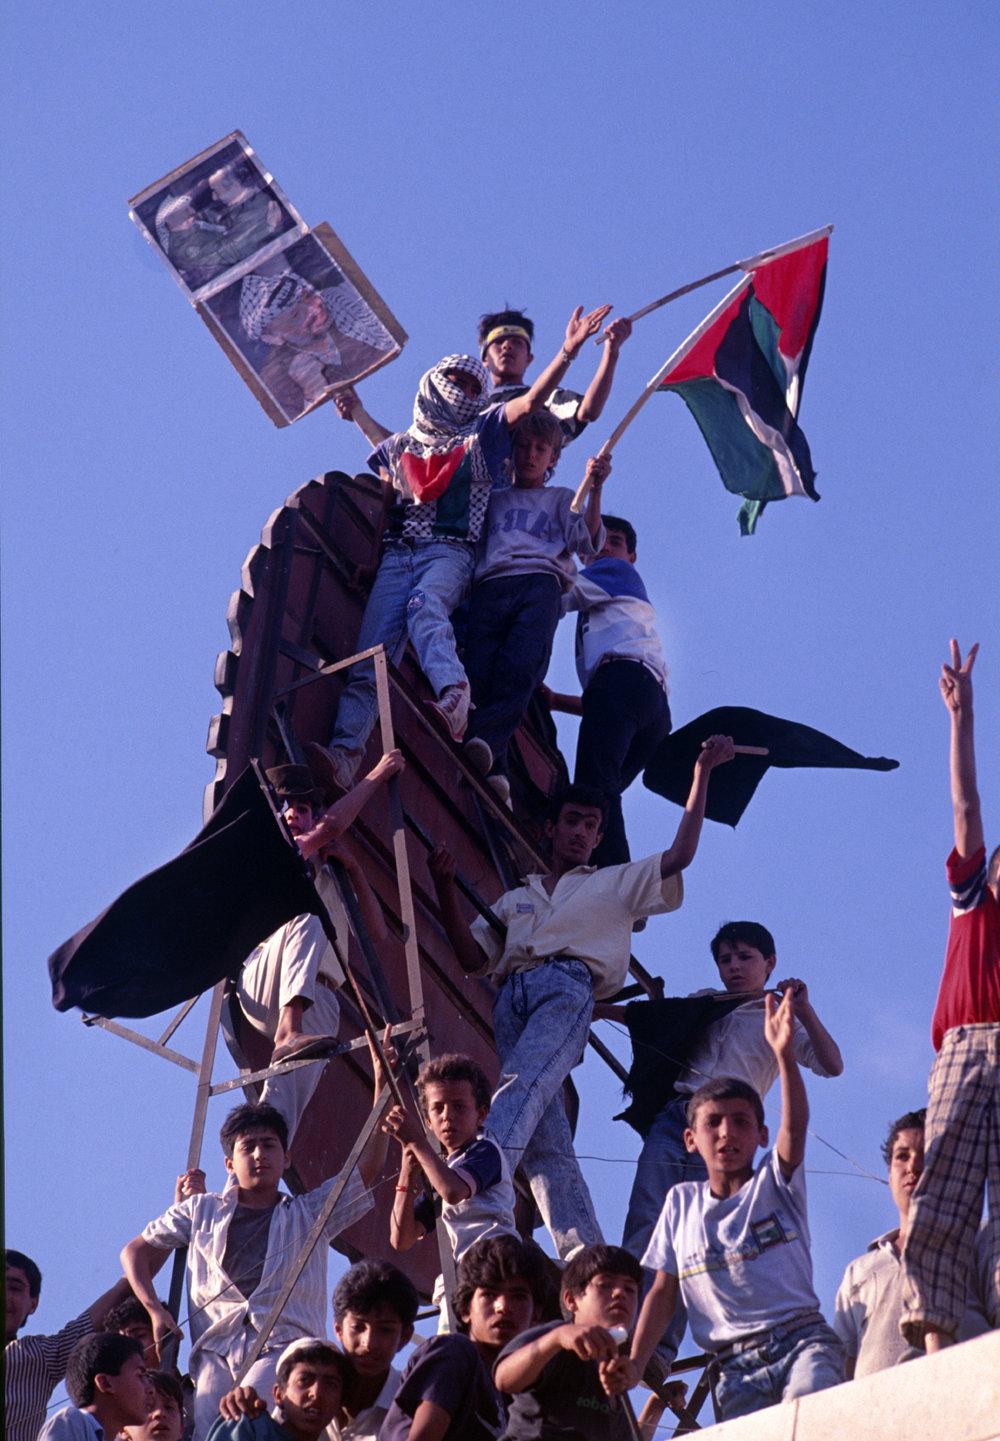 Anti-American protests. Amman, Jordan. 1991